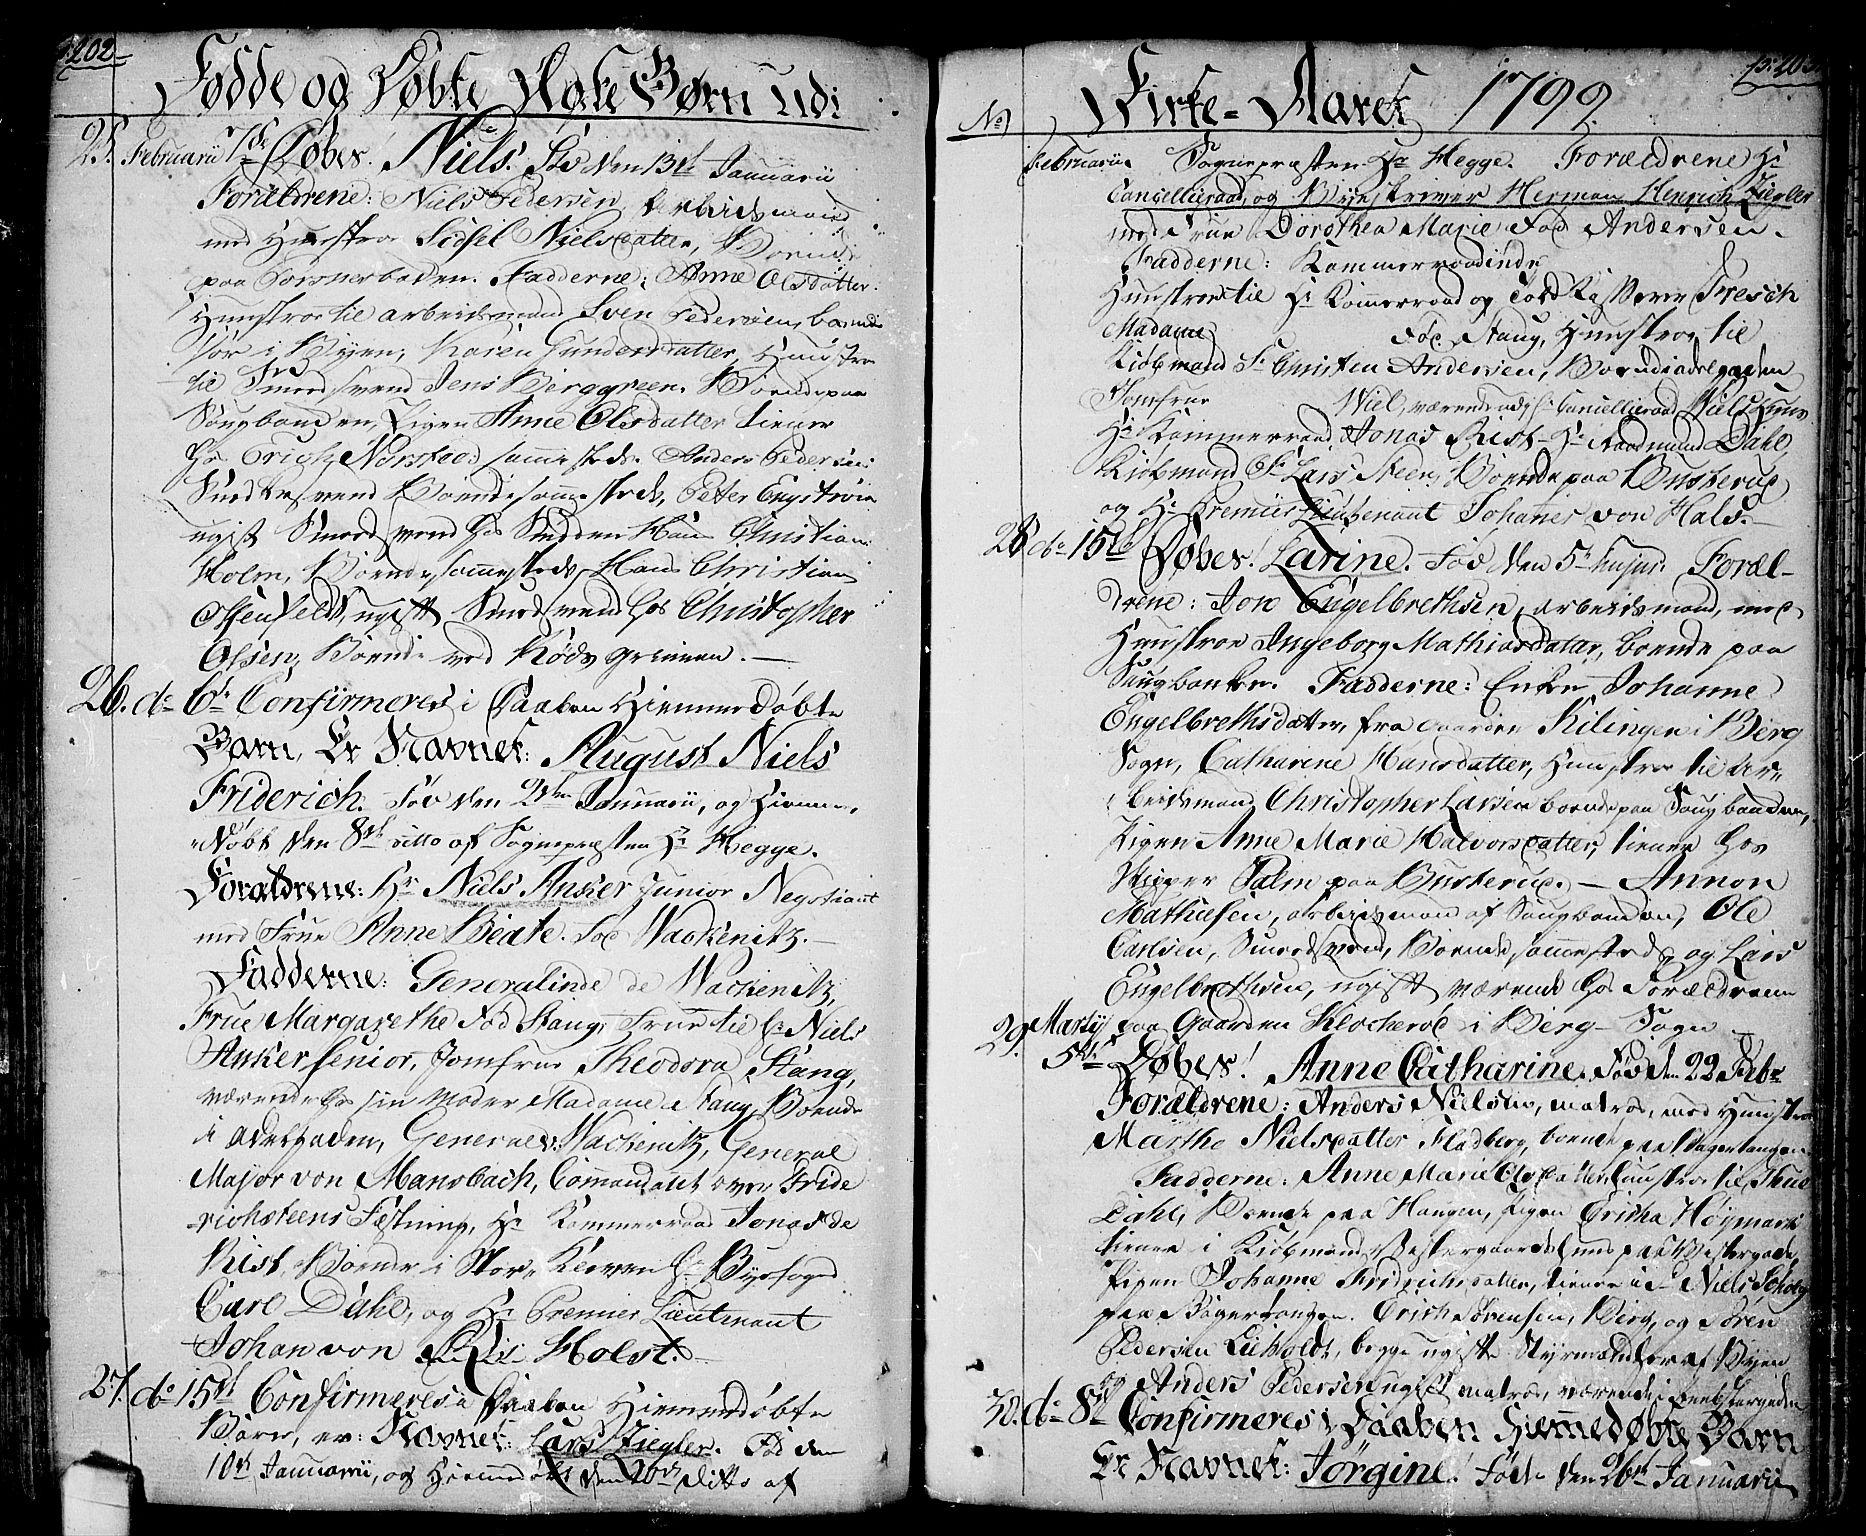 SAO, Halden prestekontor Kirkebøker, F/Fa/L0002: Ministerialbok nr. I 2, 1792-1812, s. 202-203